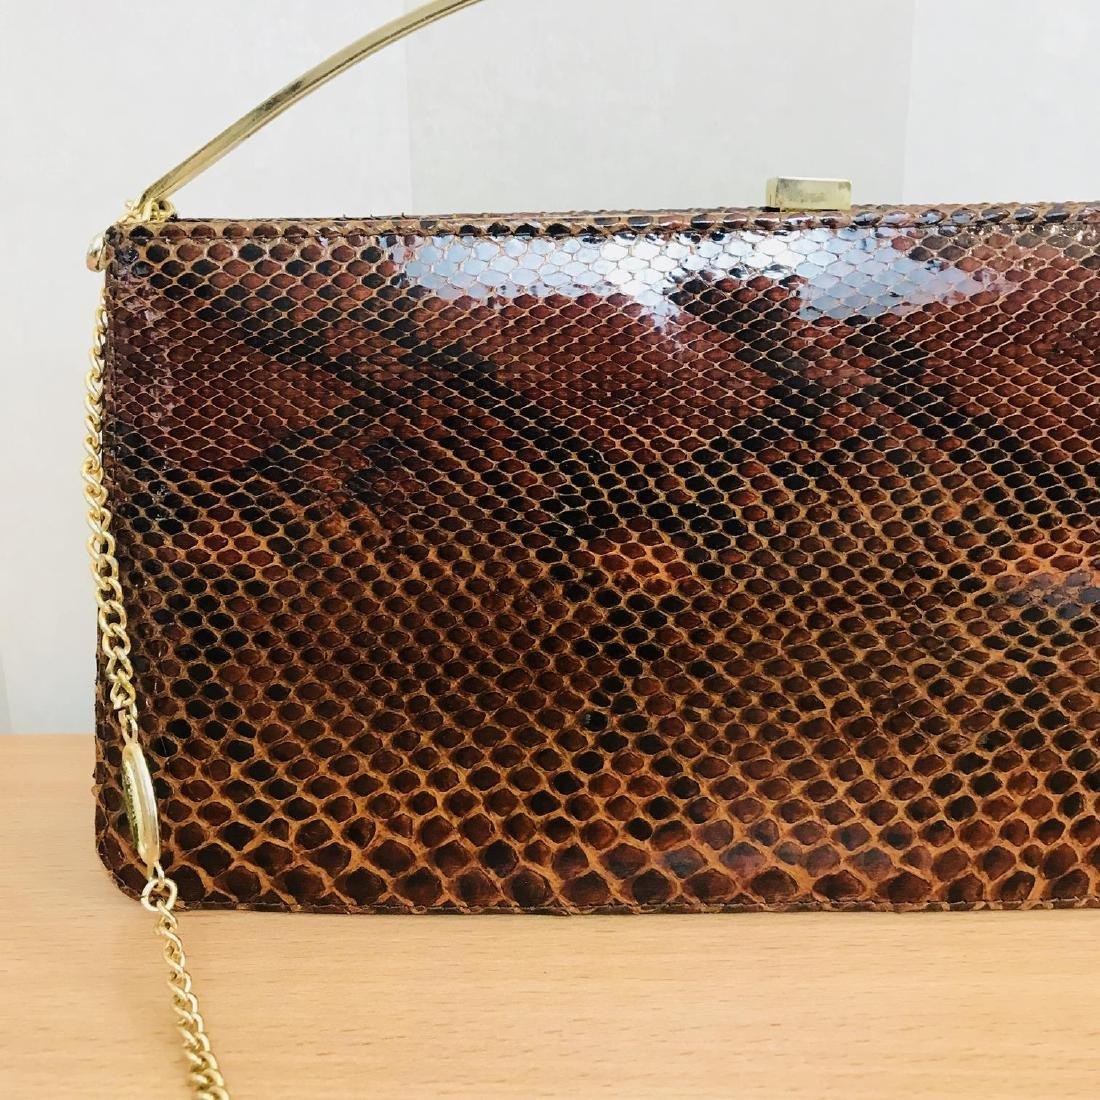 Vintage Genuine Snake Skin Leather Clutch Bag Handbag - 3